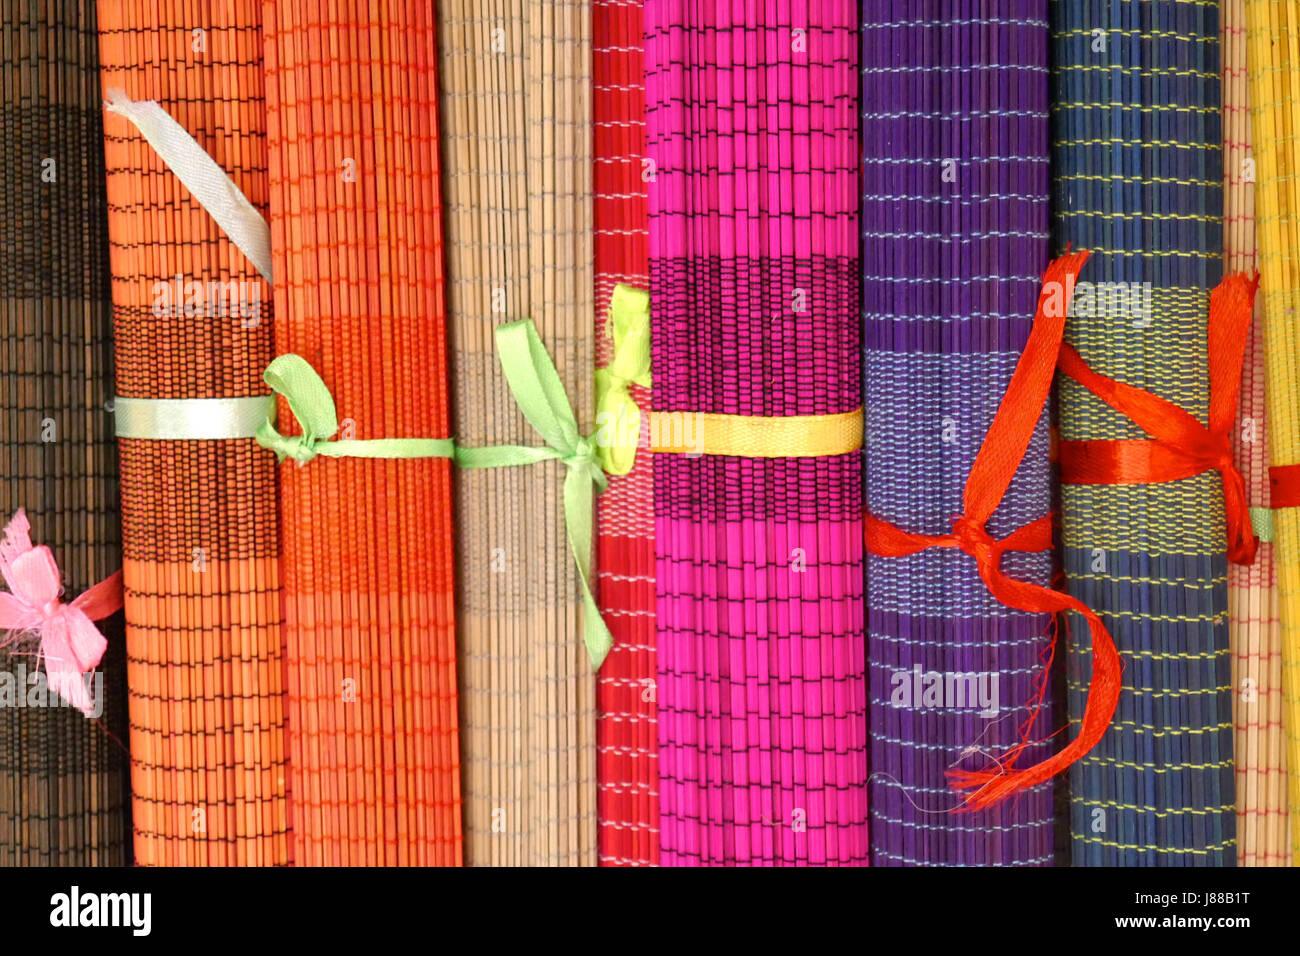 Tabella stuoie in vendita a Siem Reap, Cambogia Immagini Stock